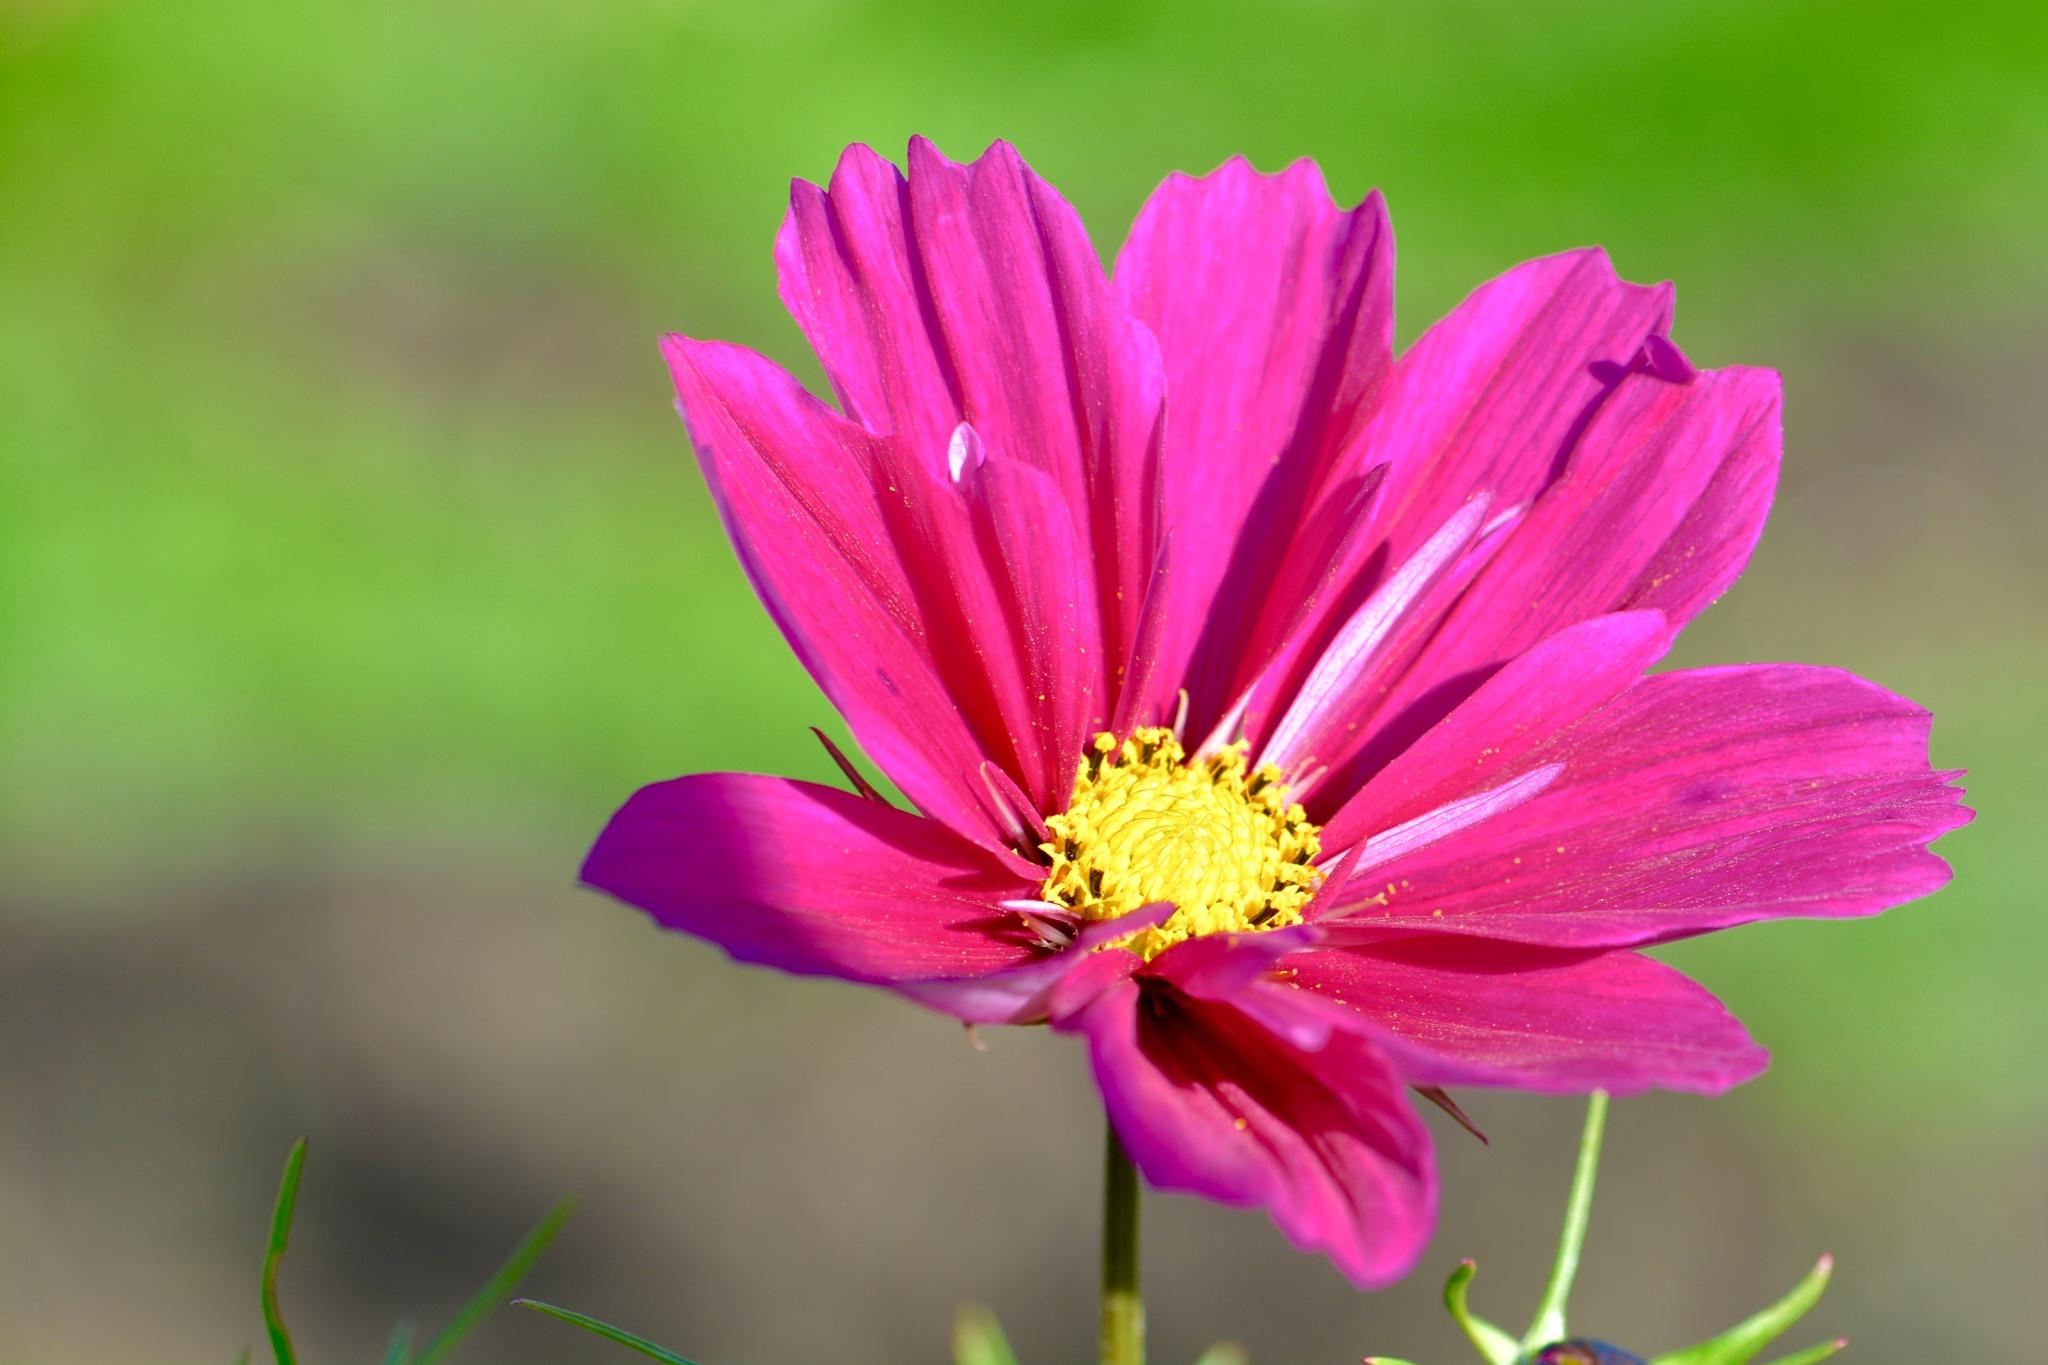 Flowers 981! by Memed Bayatli